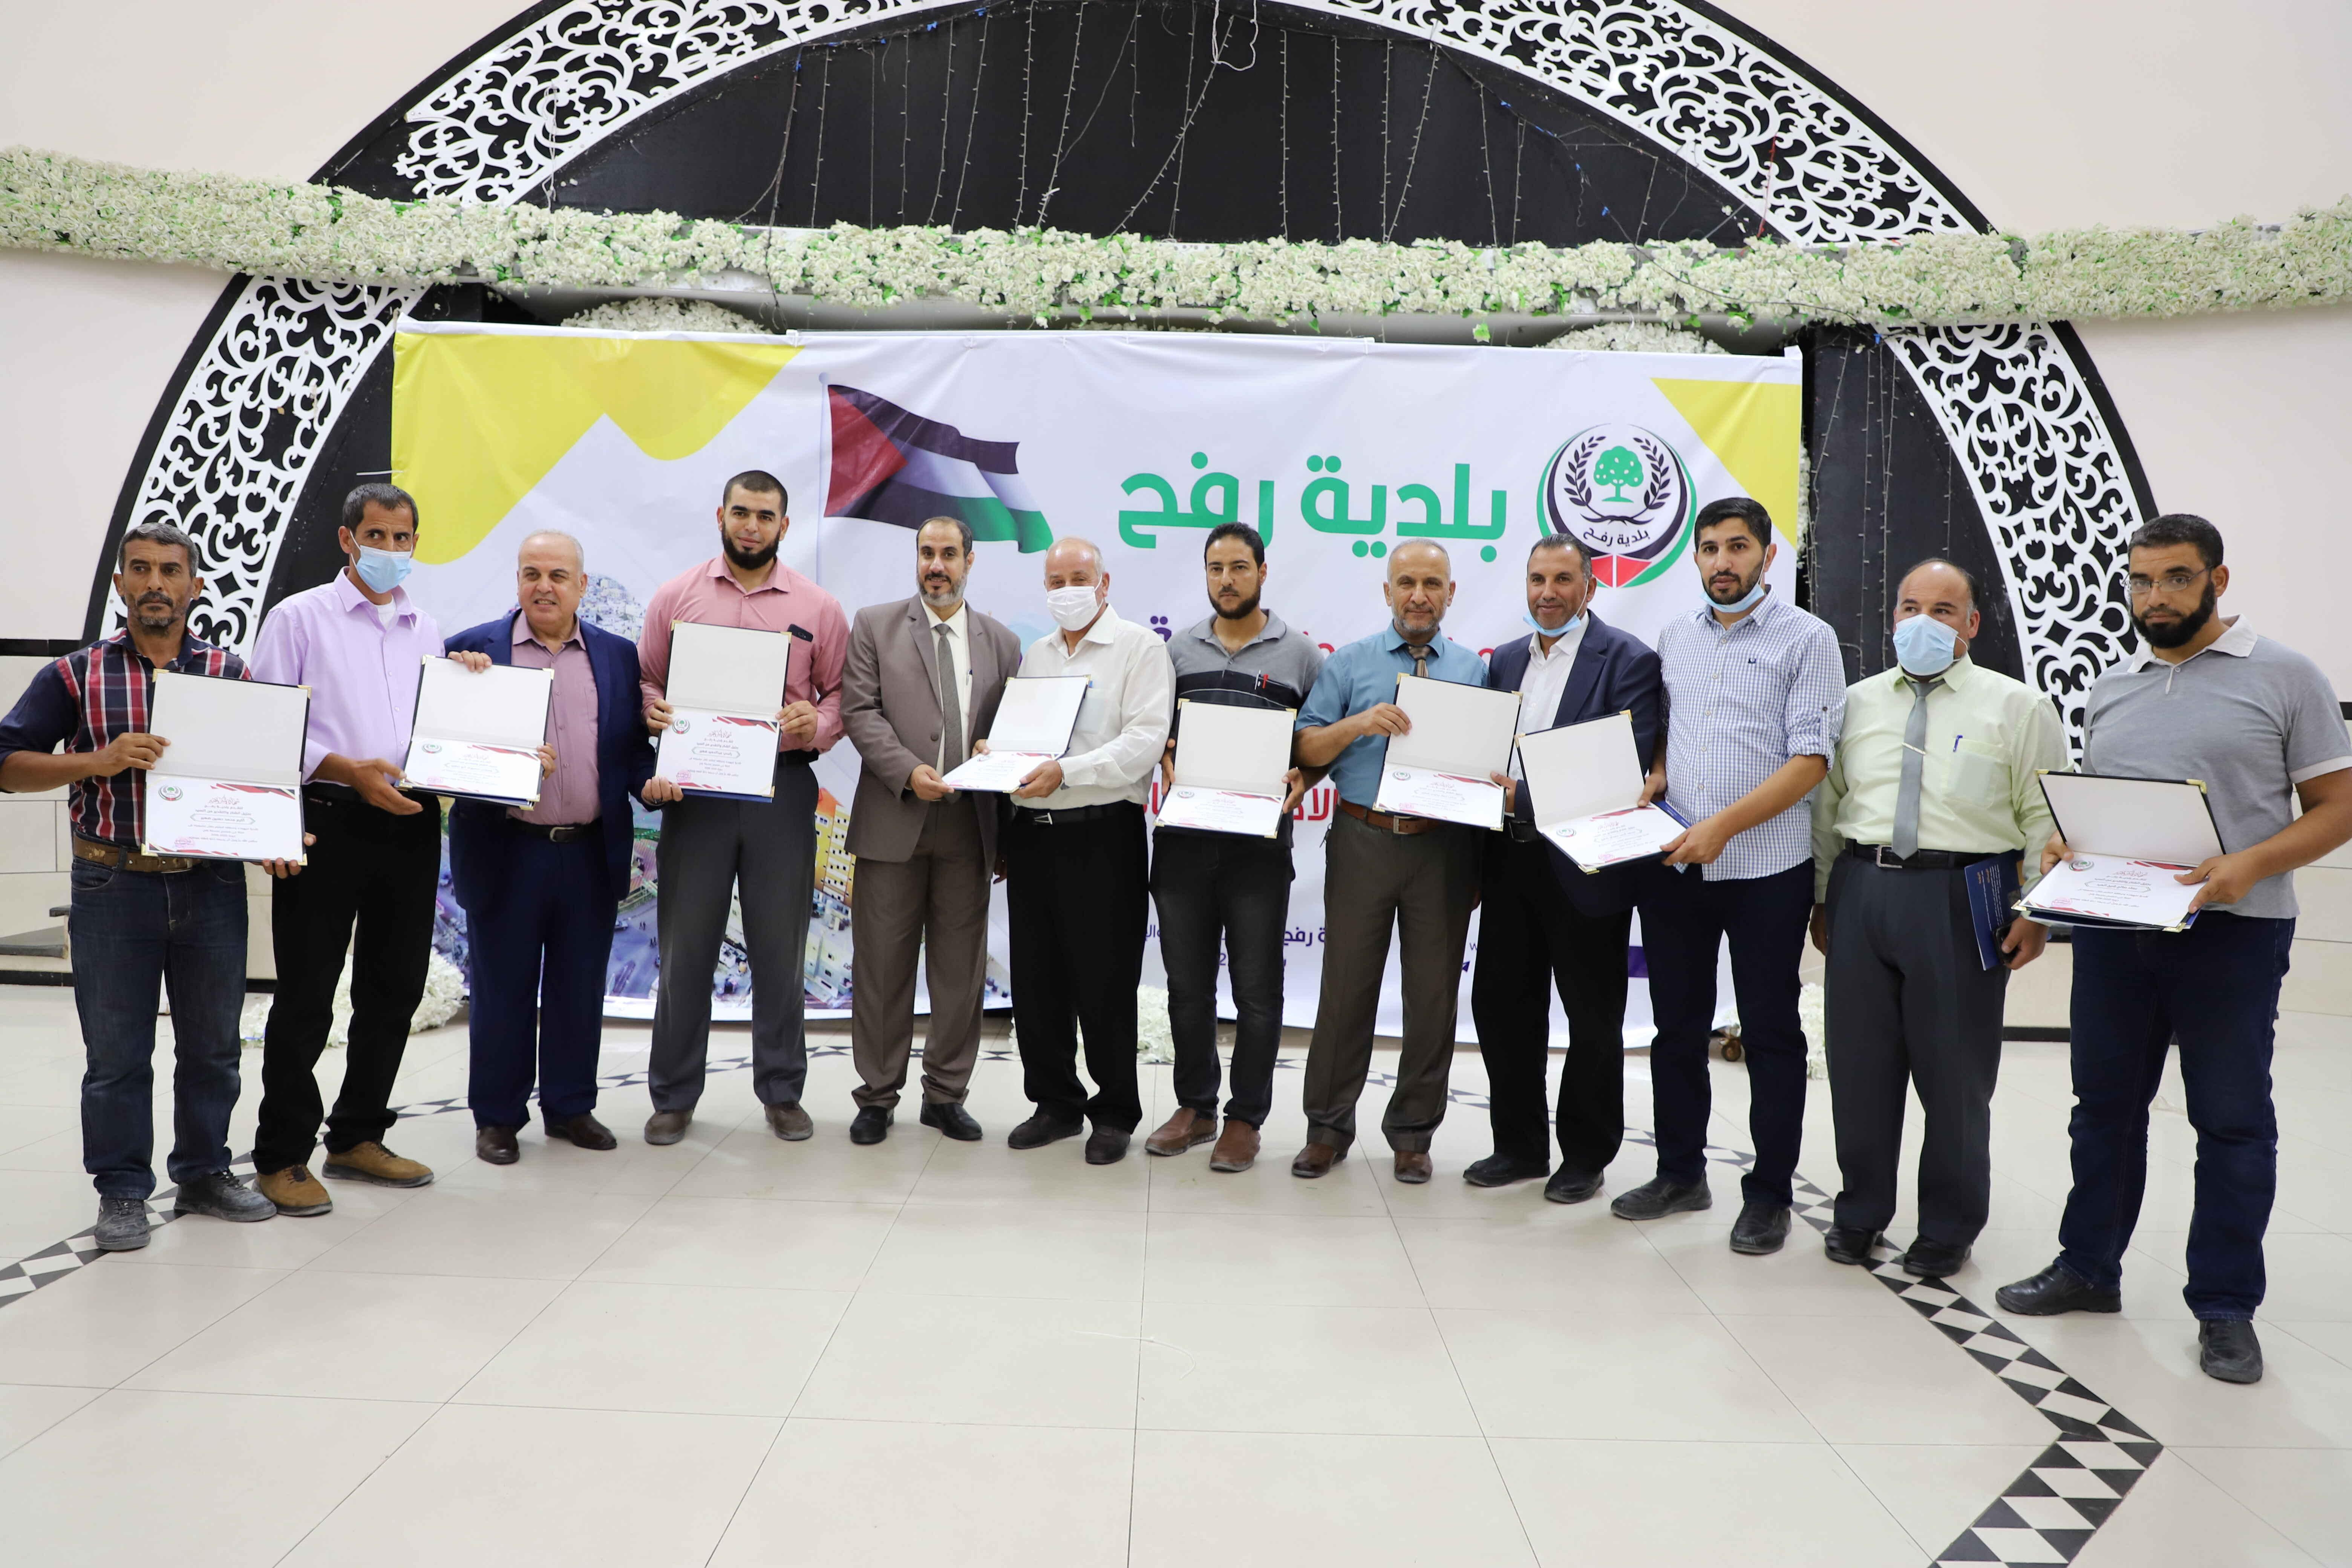 بلدية رفح تكرّم لجان الأحياء للدورة السابقة وتكلّف لجان الدورة الجديدة